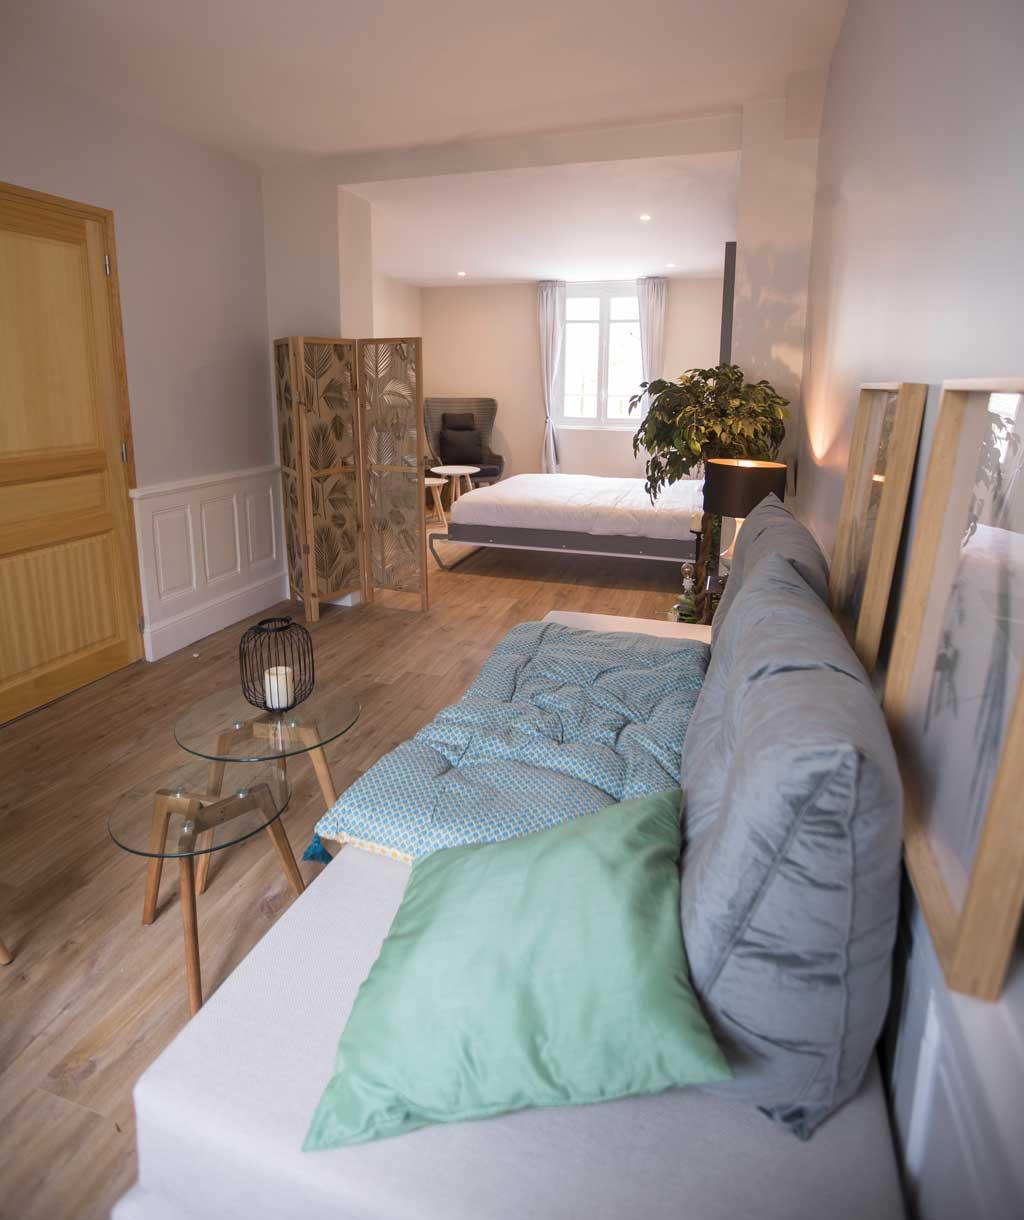 Chambre ReN les 2 lits simples en canapé, dans le fond lit double ouvert